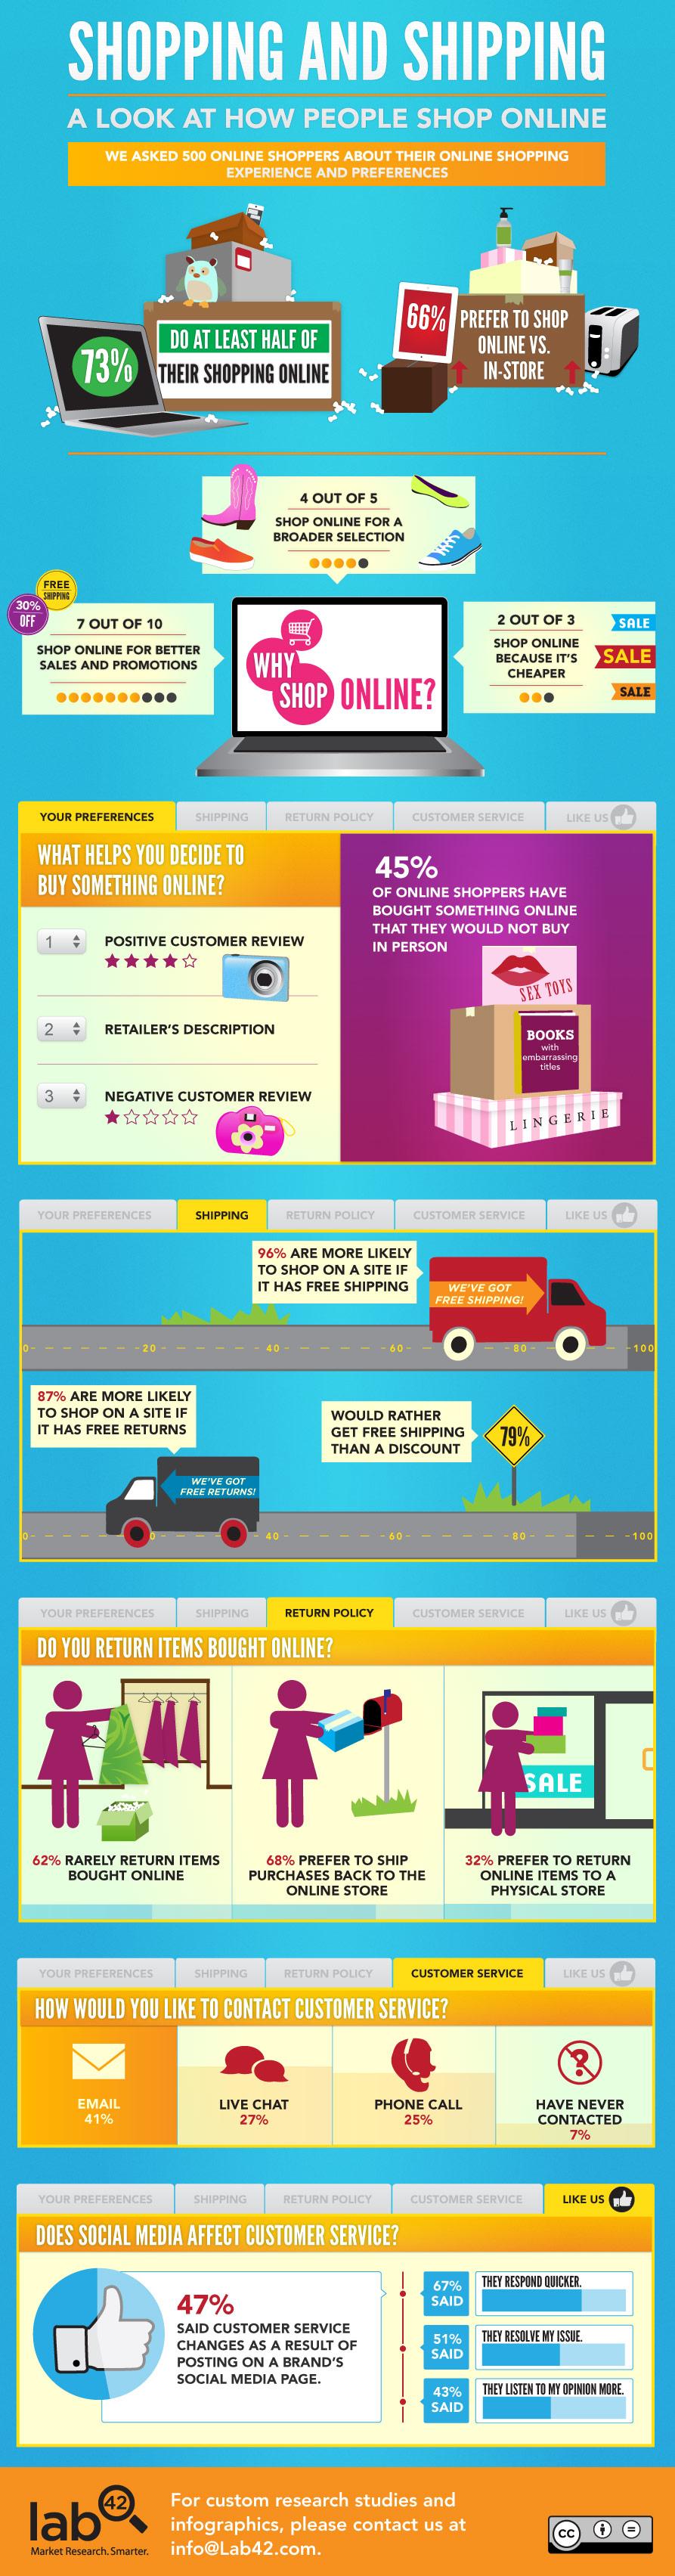 El 45% de los compradores adquiere artículos por internet que no compraría en persona